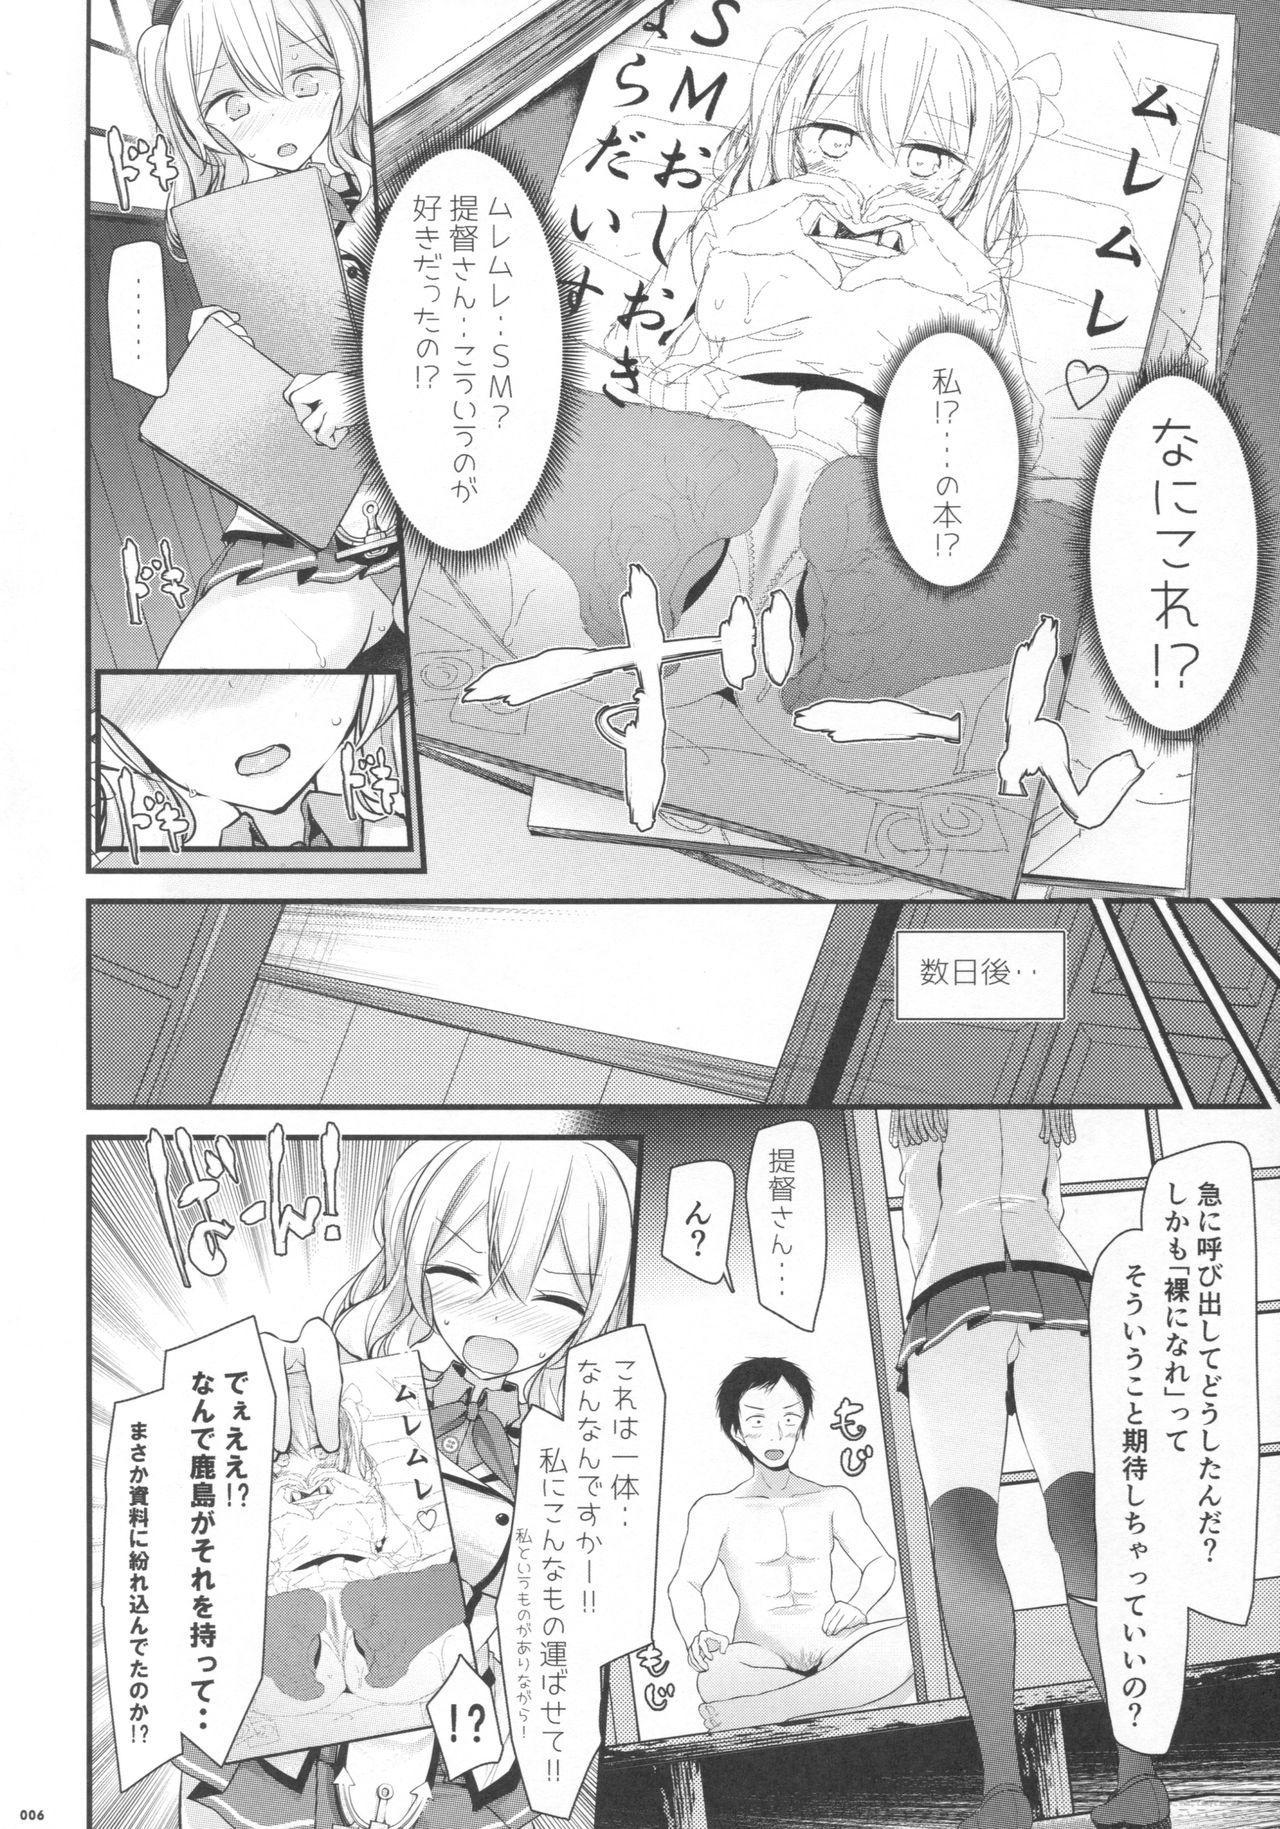 Kashima-chan no Ashi de Eroi Koto Suru Hon 4